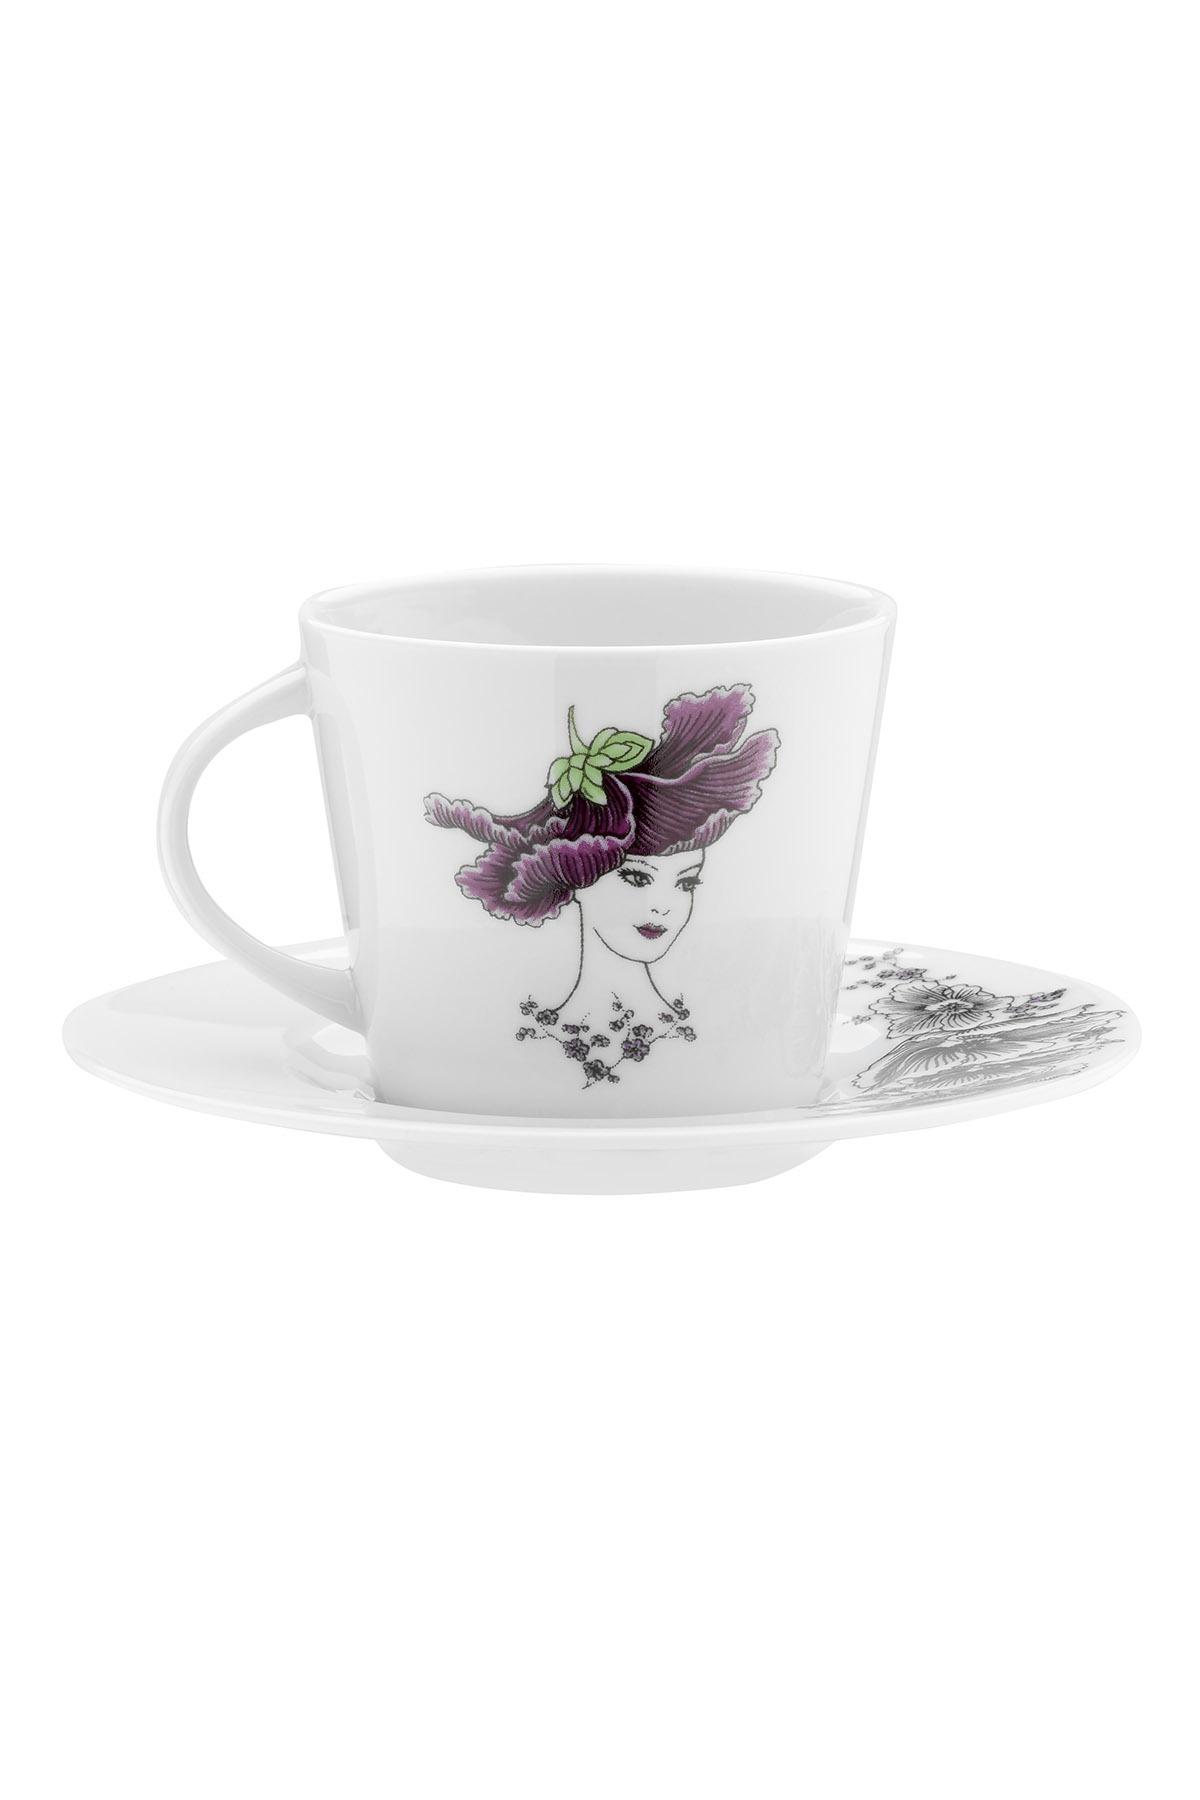 Kütahya Porselen - Kütahya Porselen Kadınlarım Serisi 9433 Desen Çay Fincan Takımı